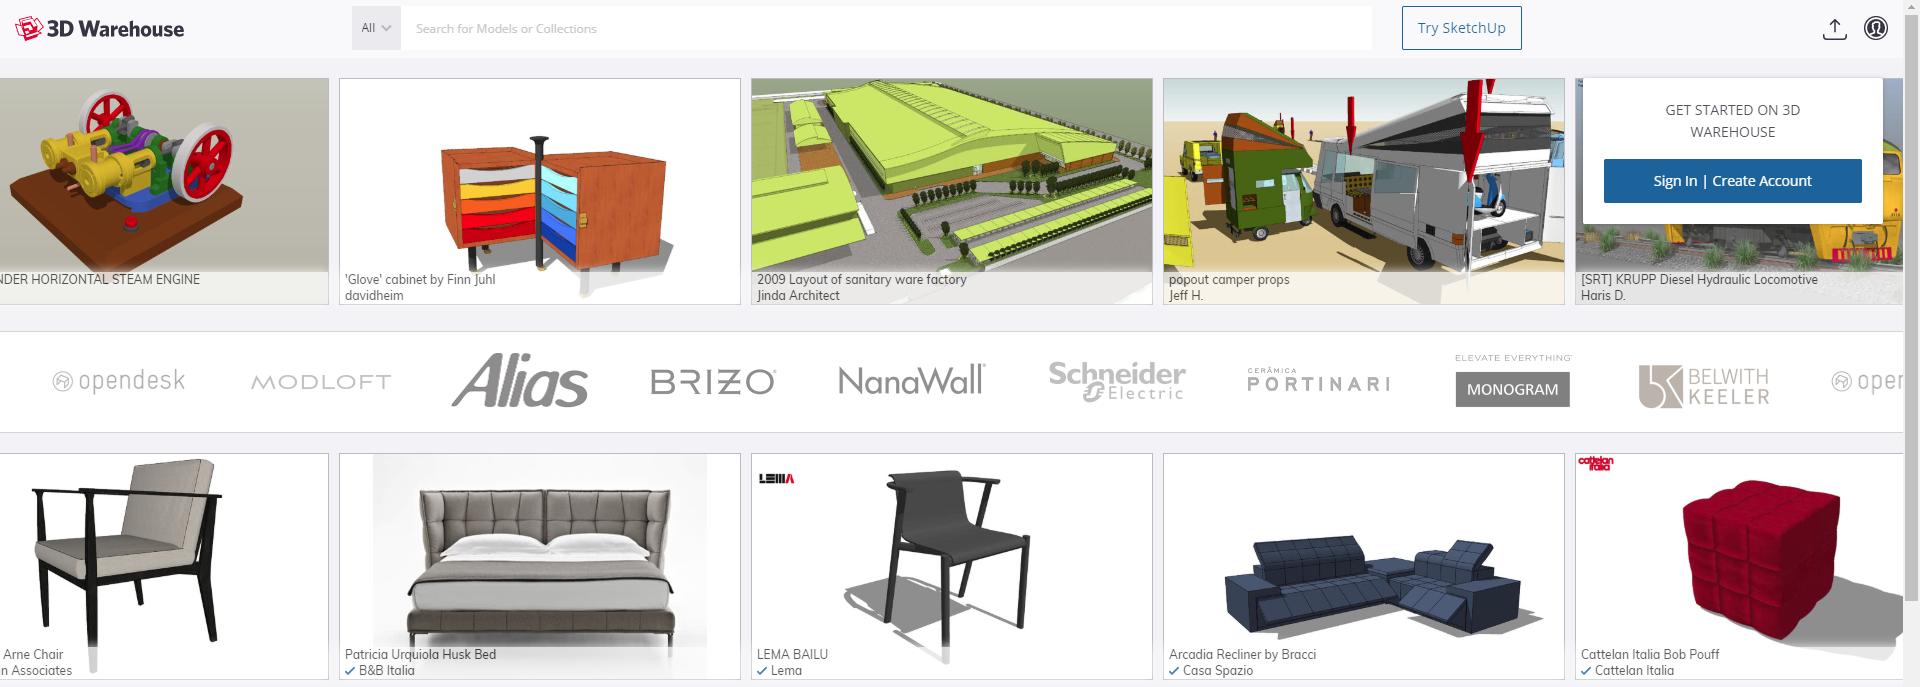 Jetzt: Download aus 3D Warehouse nur noch mit Login möglich trimble Login 3D Warehouse